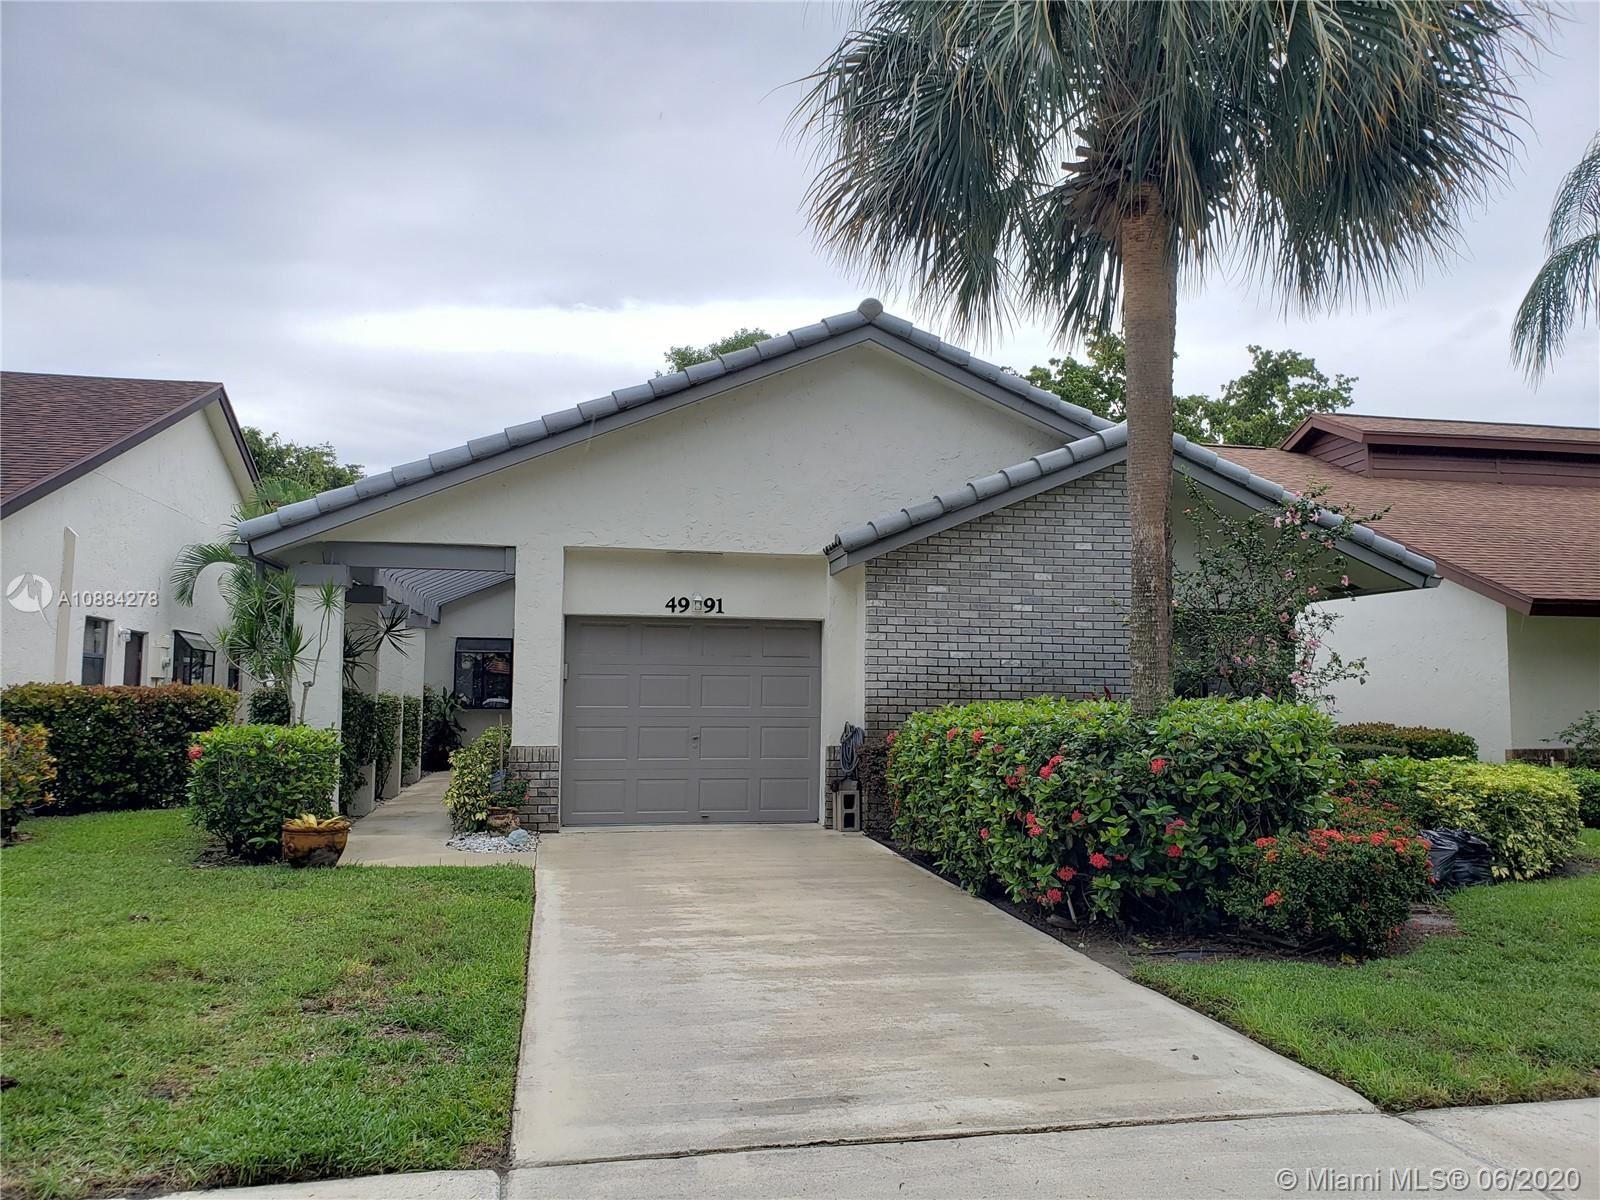 4991 Boxwood Cir, Boynton Beach, FL 33436 - #: A10884278